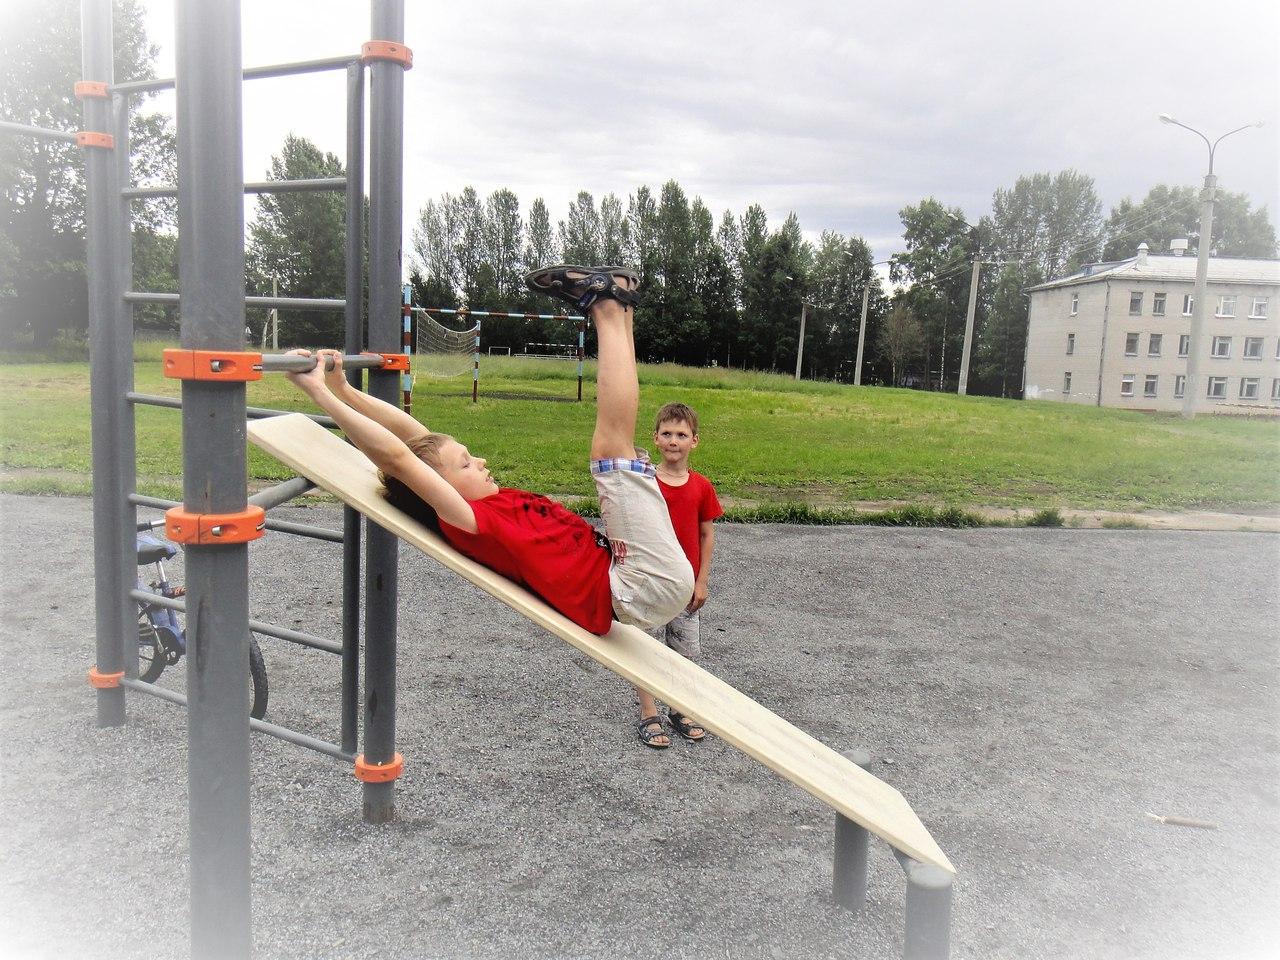 спорт снаряды дети лето новодвинск отжимания открытка упражнения на пресс